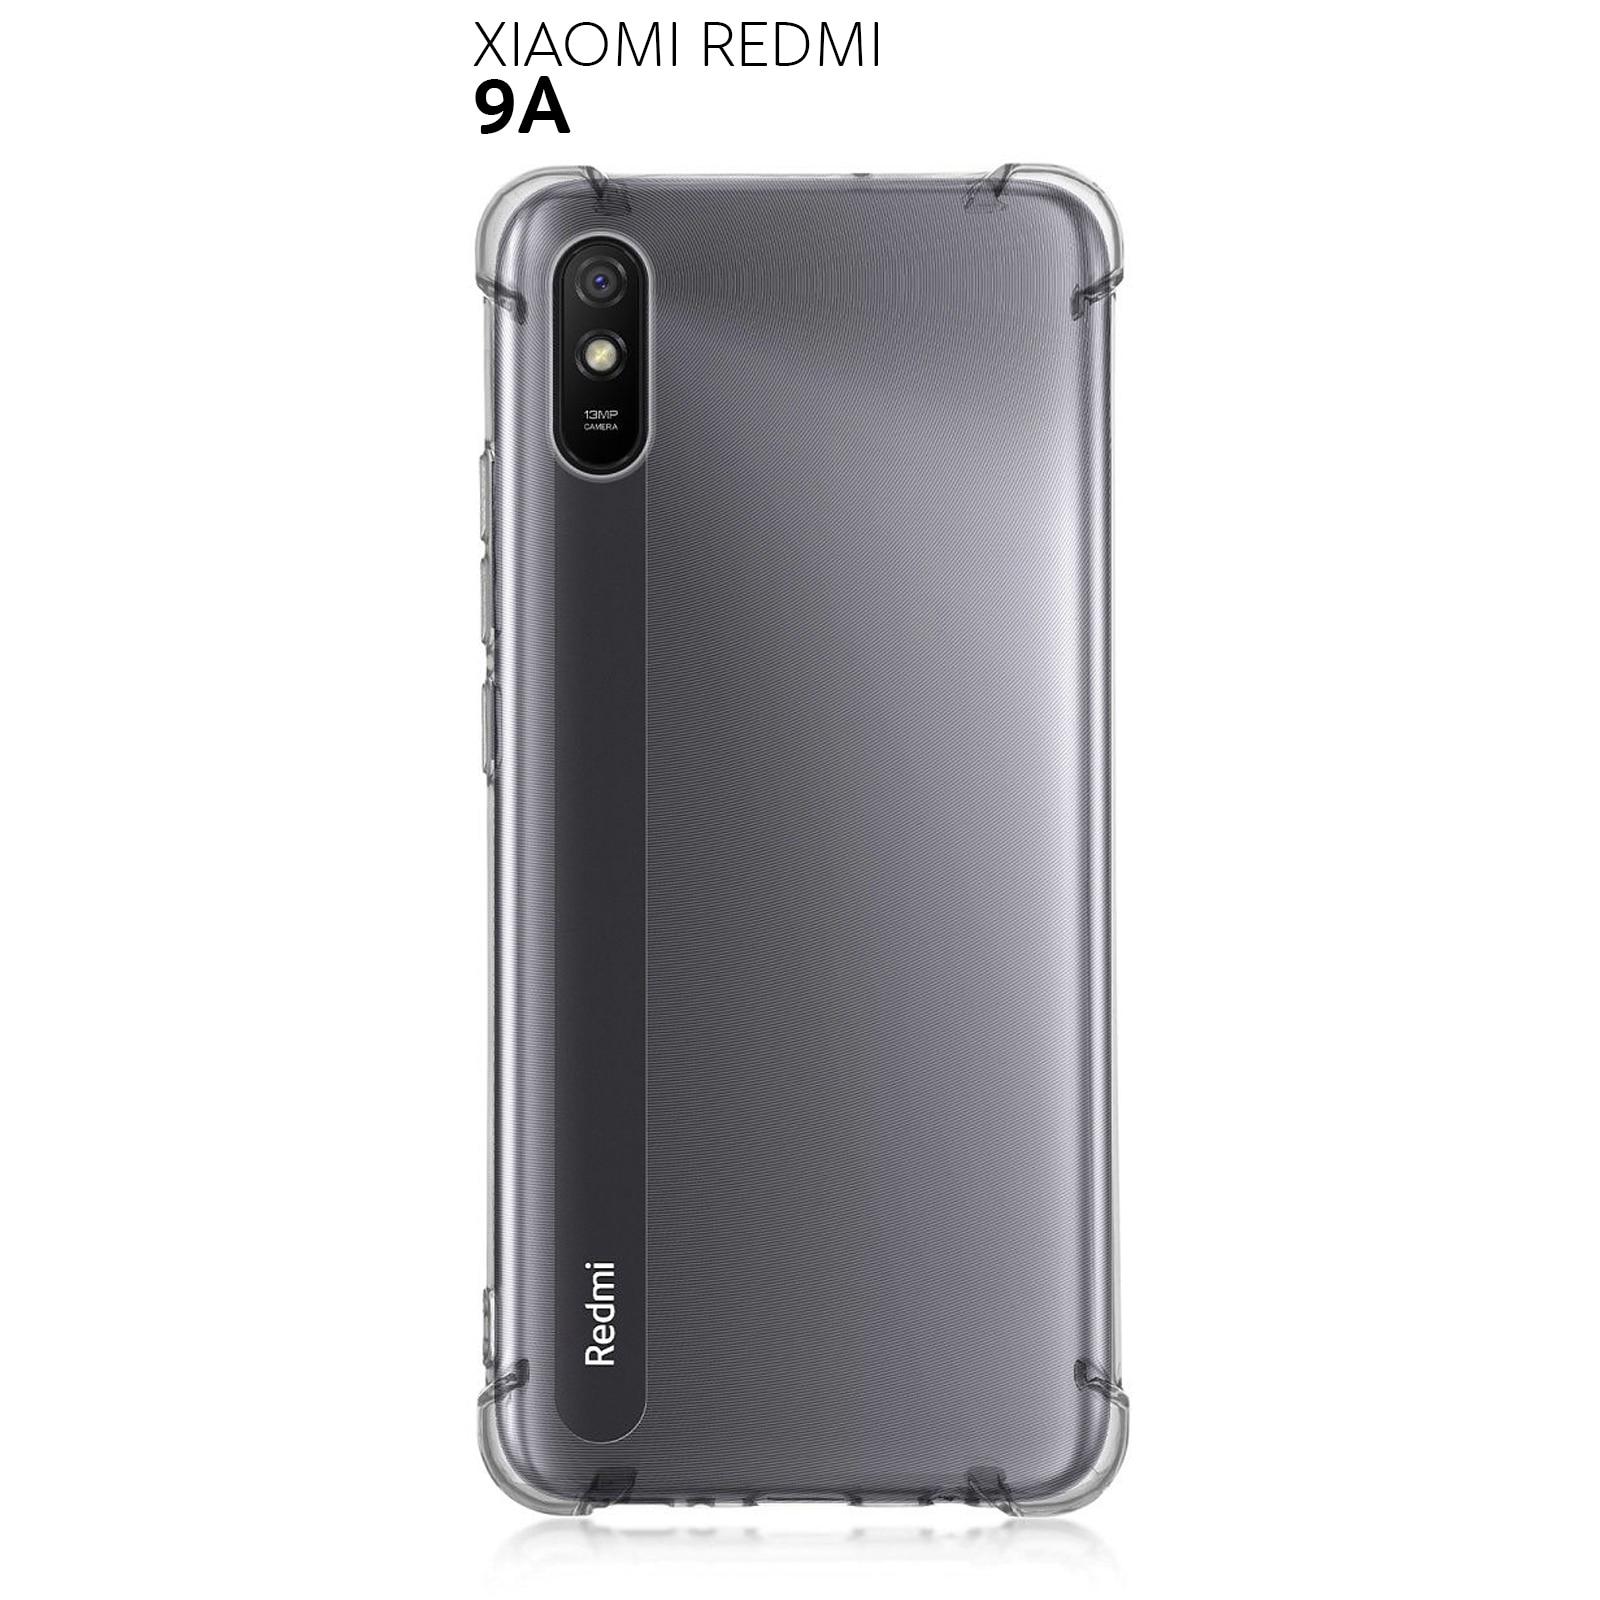 Противоударный силиконовый чехол для Xiaomi Redmi 9A с усиленными углами Бамперы    АлиЭкспресс